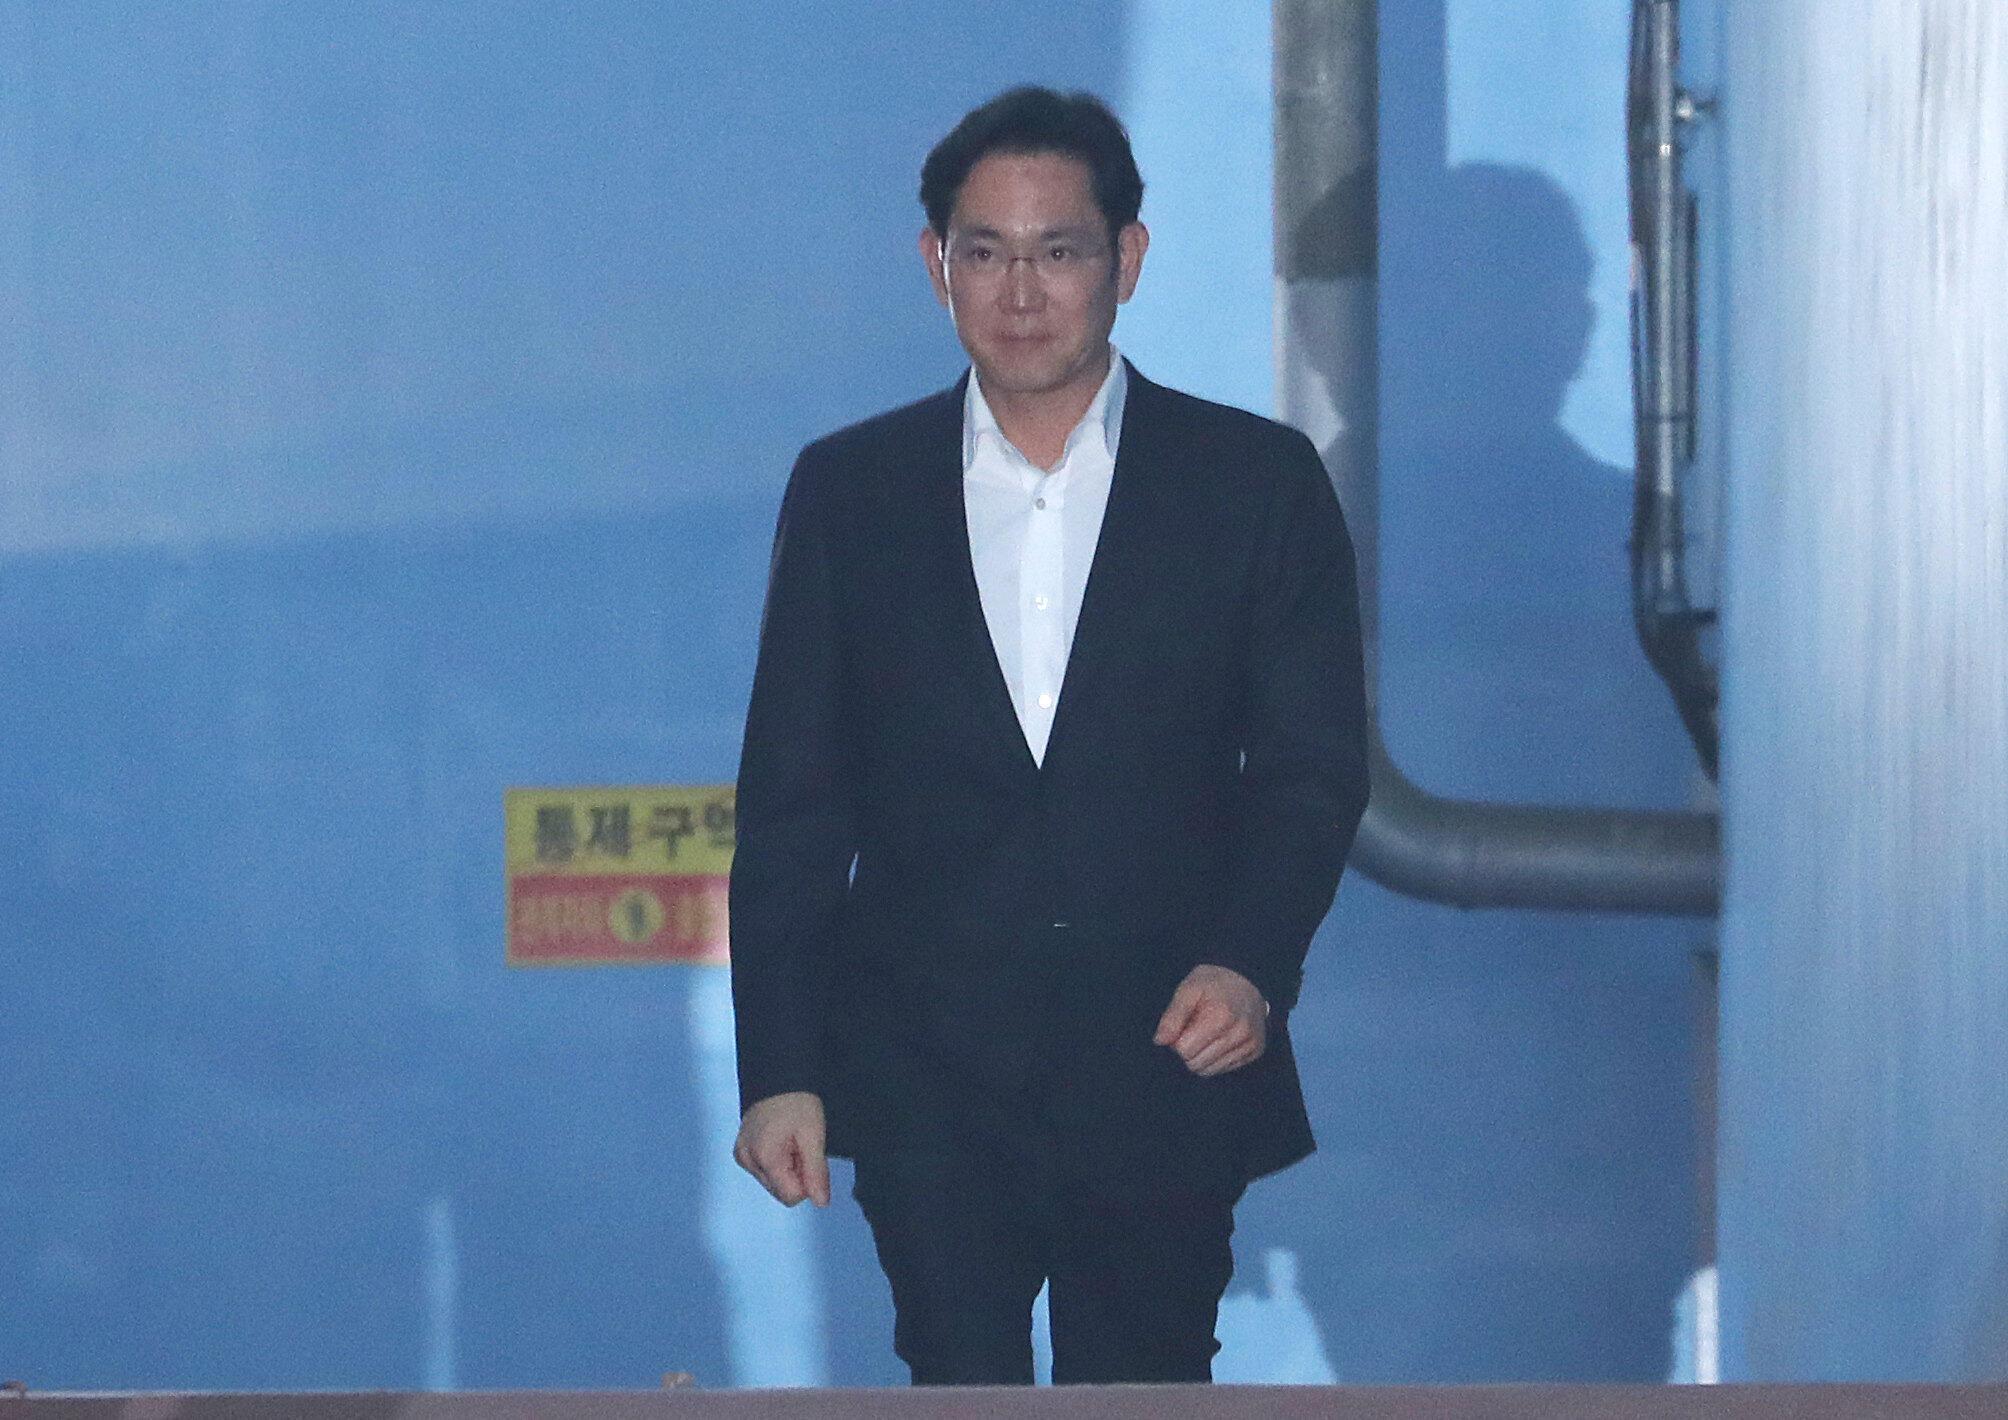 លោក Lee Jae-yong អគ្គនាយករង និងជាកូនប្រុសថៅកែក្រុមហ៊ុន Samsung